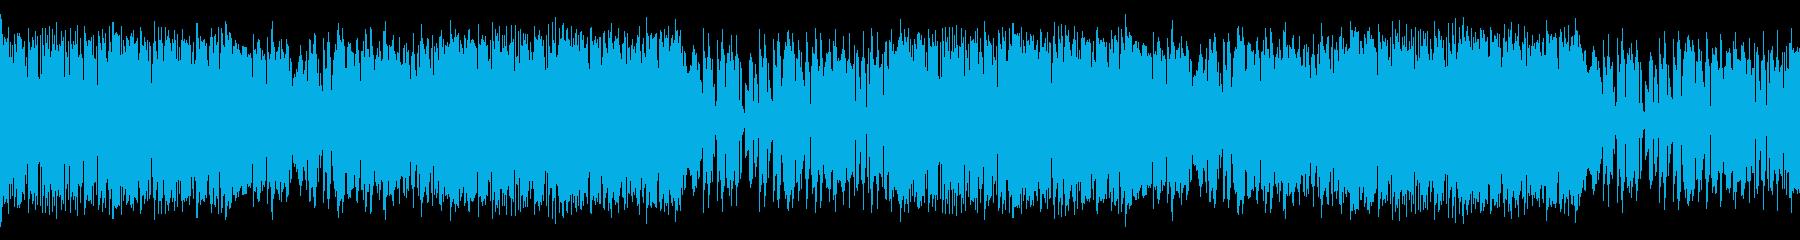 サバンナを感じさせる民族音楽風楽曲ループの再生済みの波形